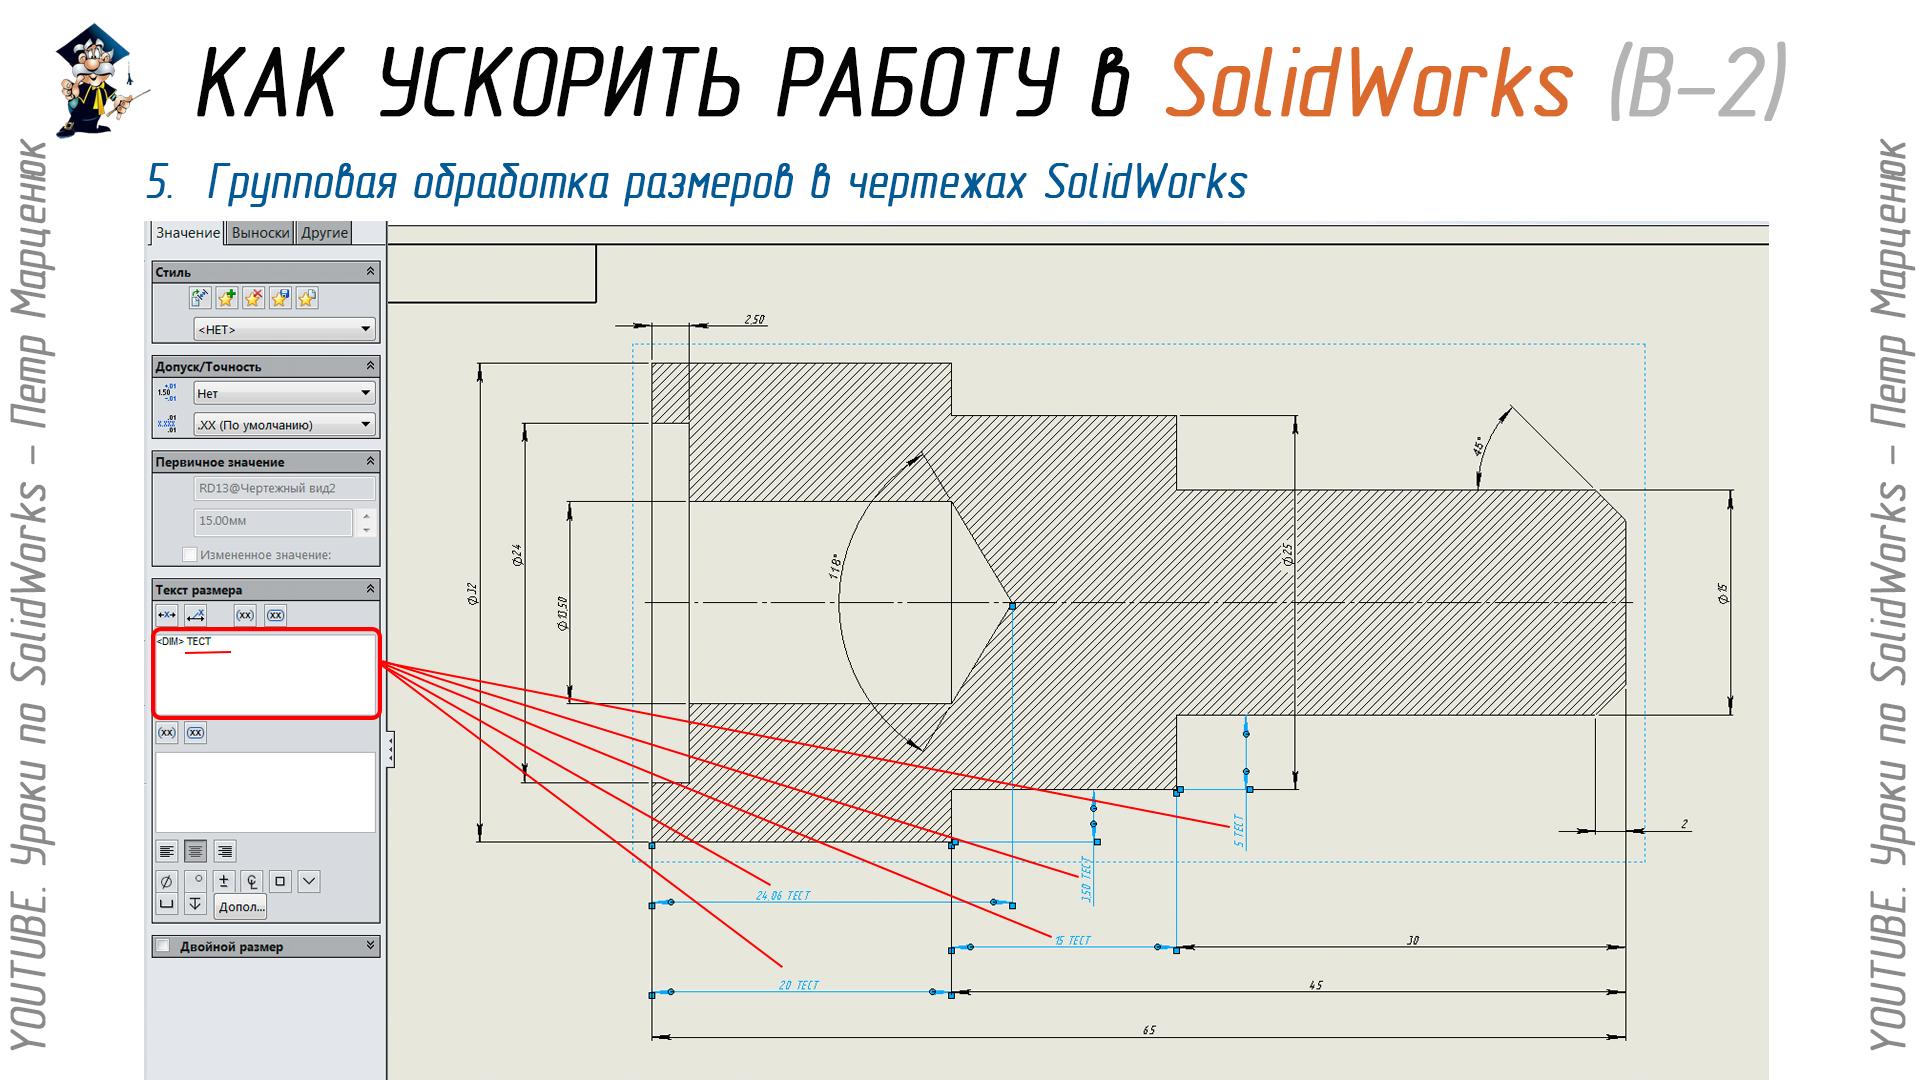 Групповая обработка размеров в чертежах SolidWorks